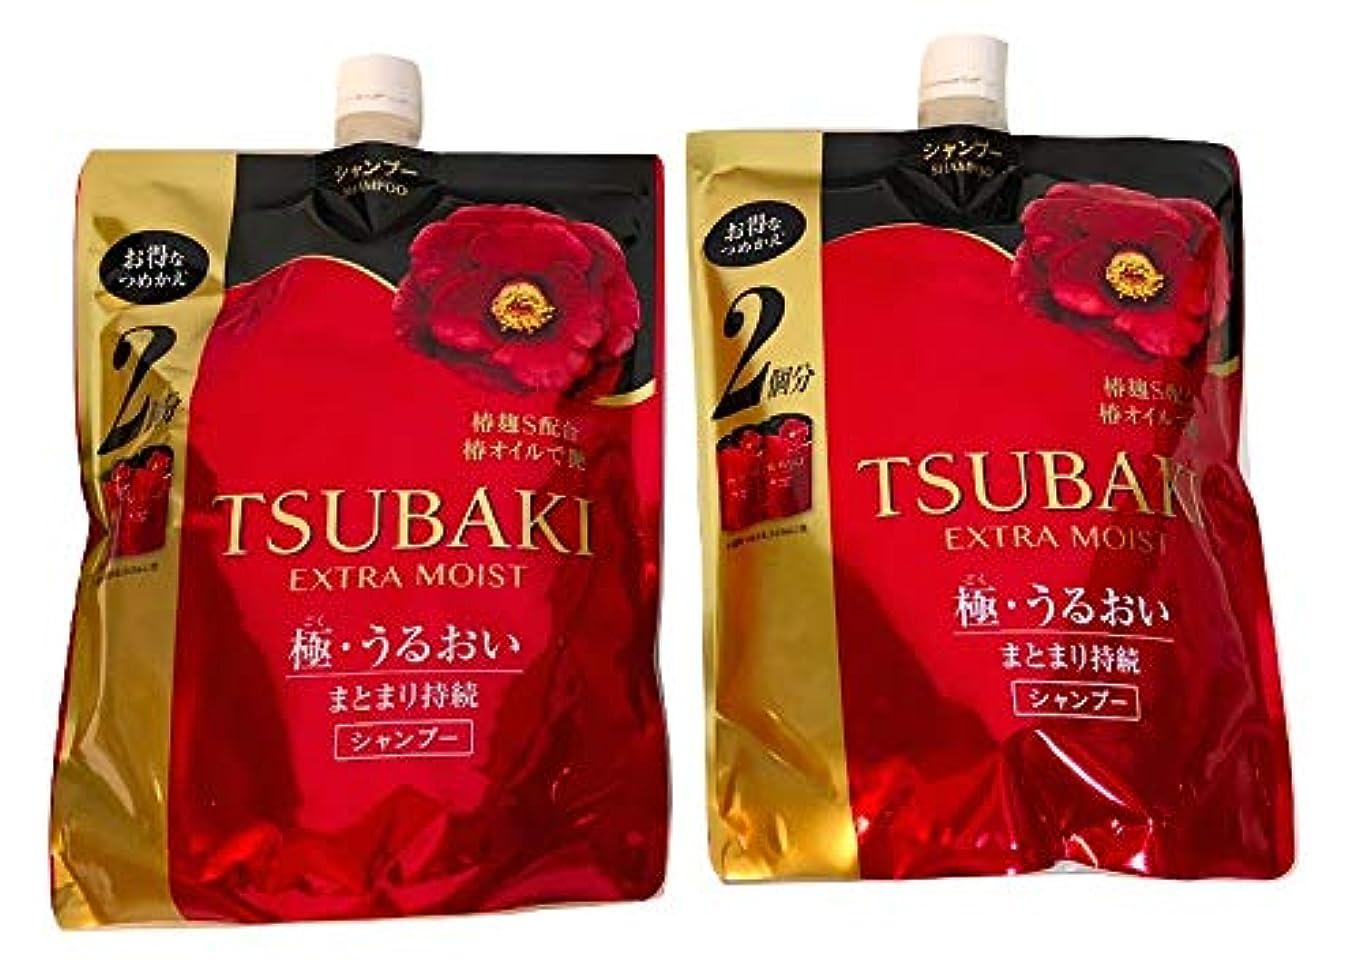 破壊する植物学慣性【2個セット】TSUBAKI エクストラモイスト シャンプー 詰め替え用 (パサついて広がる髪用) 2倍大容量 690ml